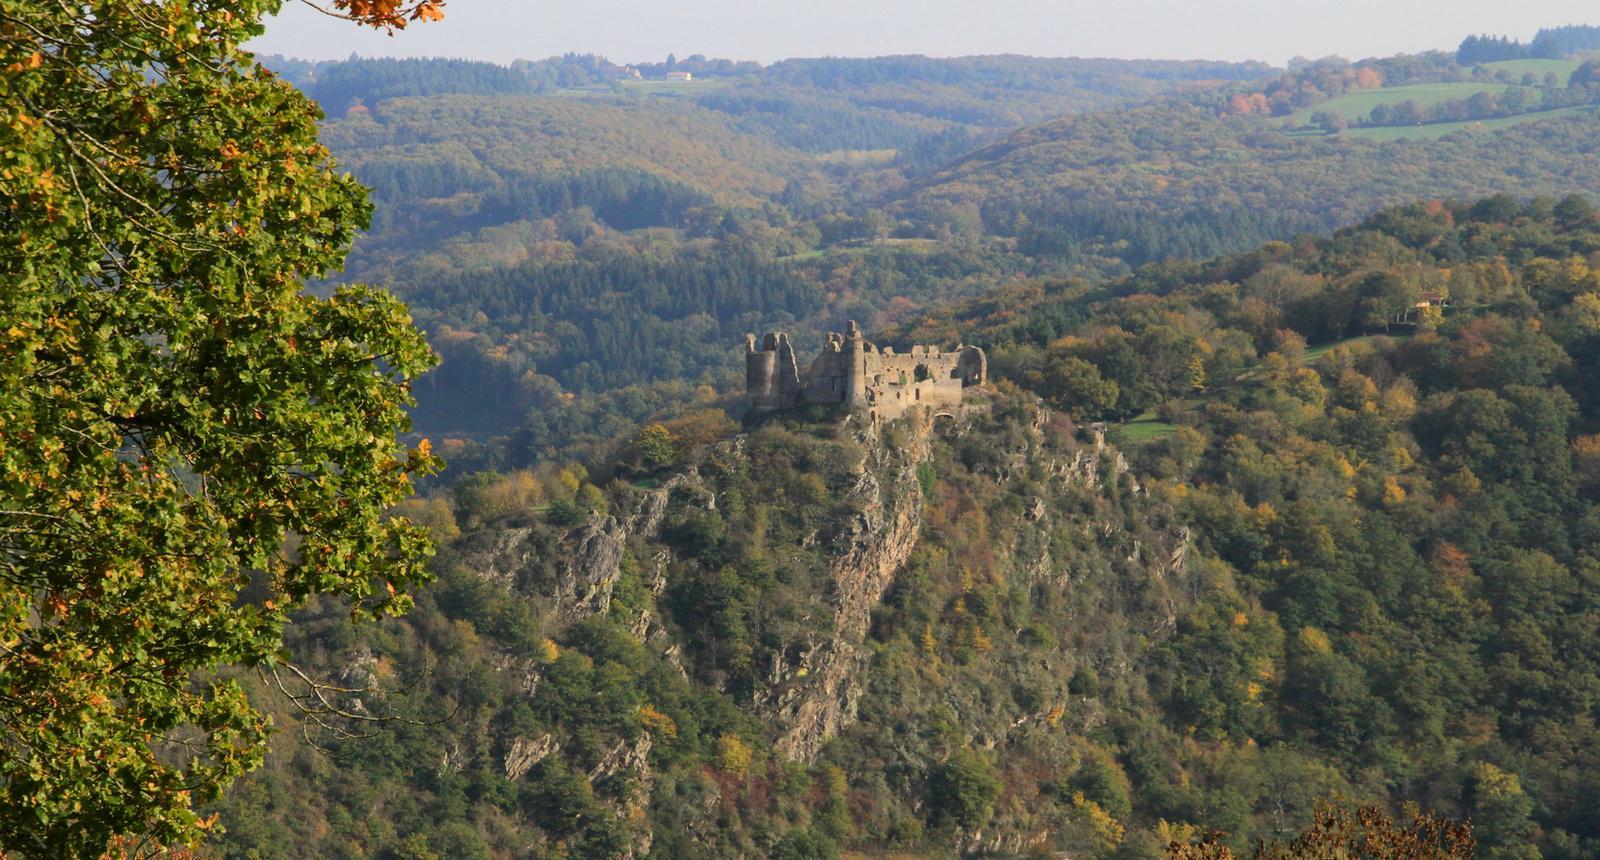 Randonnée autour du Château-Rocher de Menat